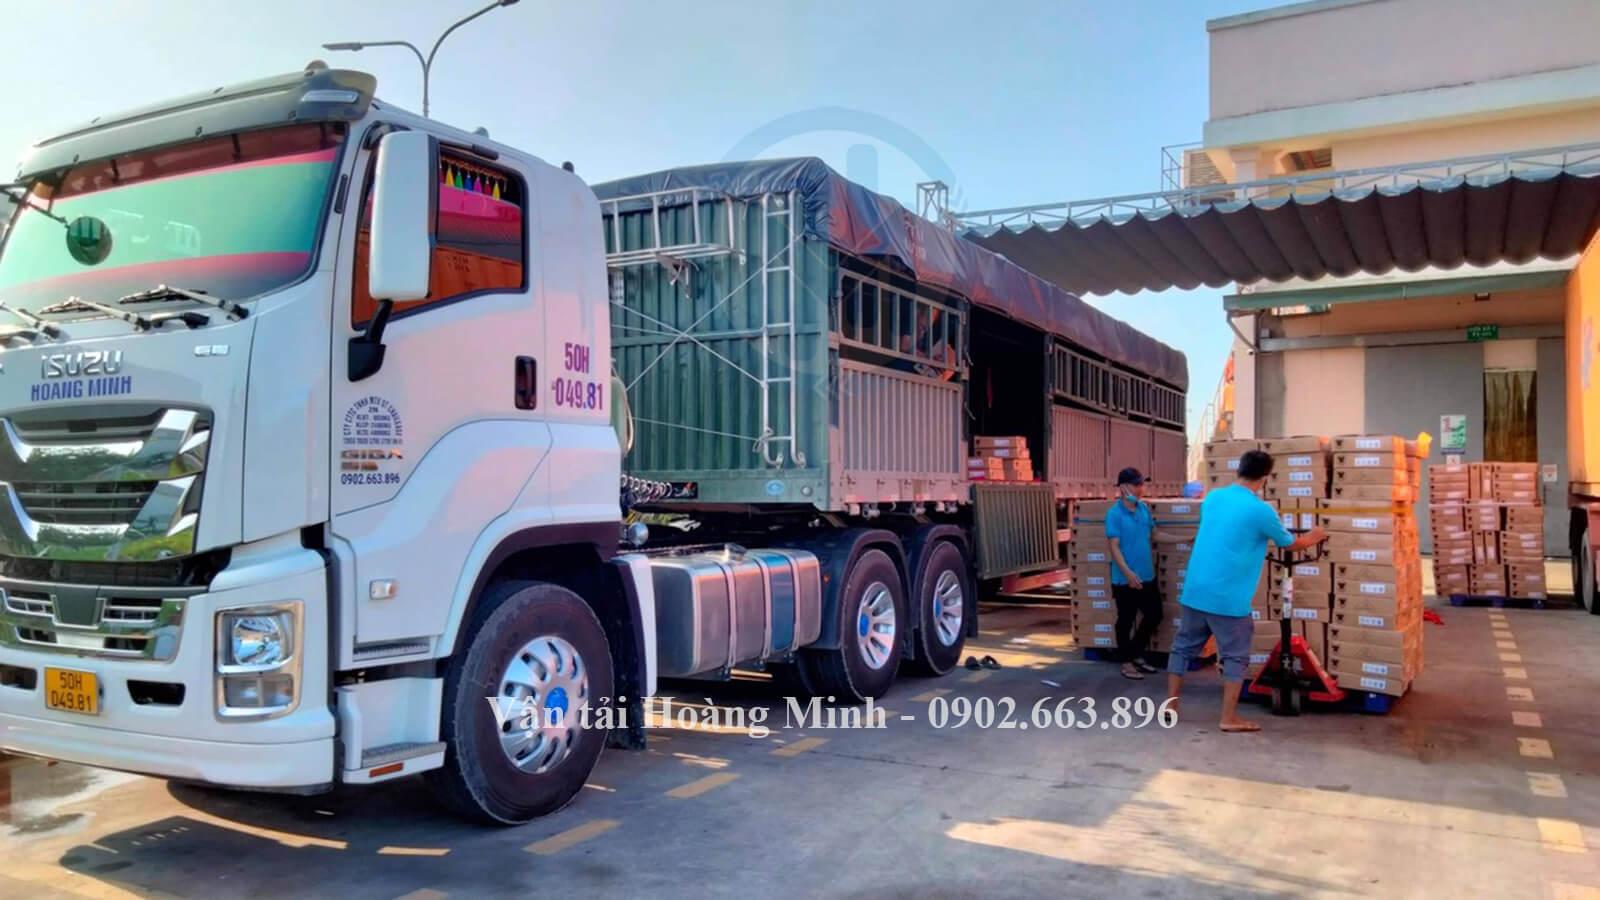 Làm sao để có thể sử dụng dịch vụ cho thuê xe tải chở hàng Quận 6 của Vận tải Hoàng Minh